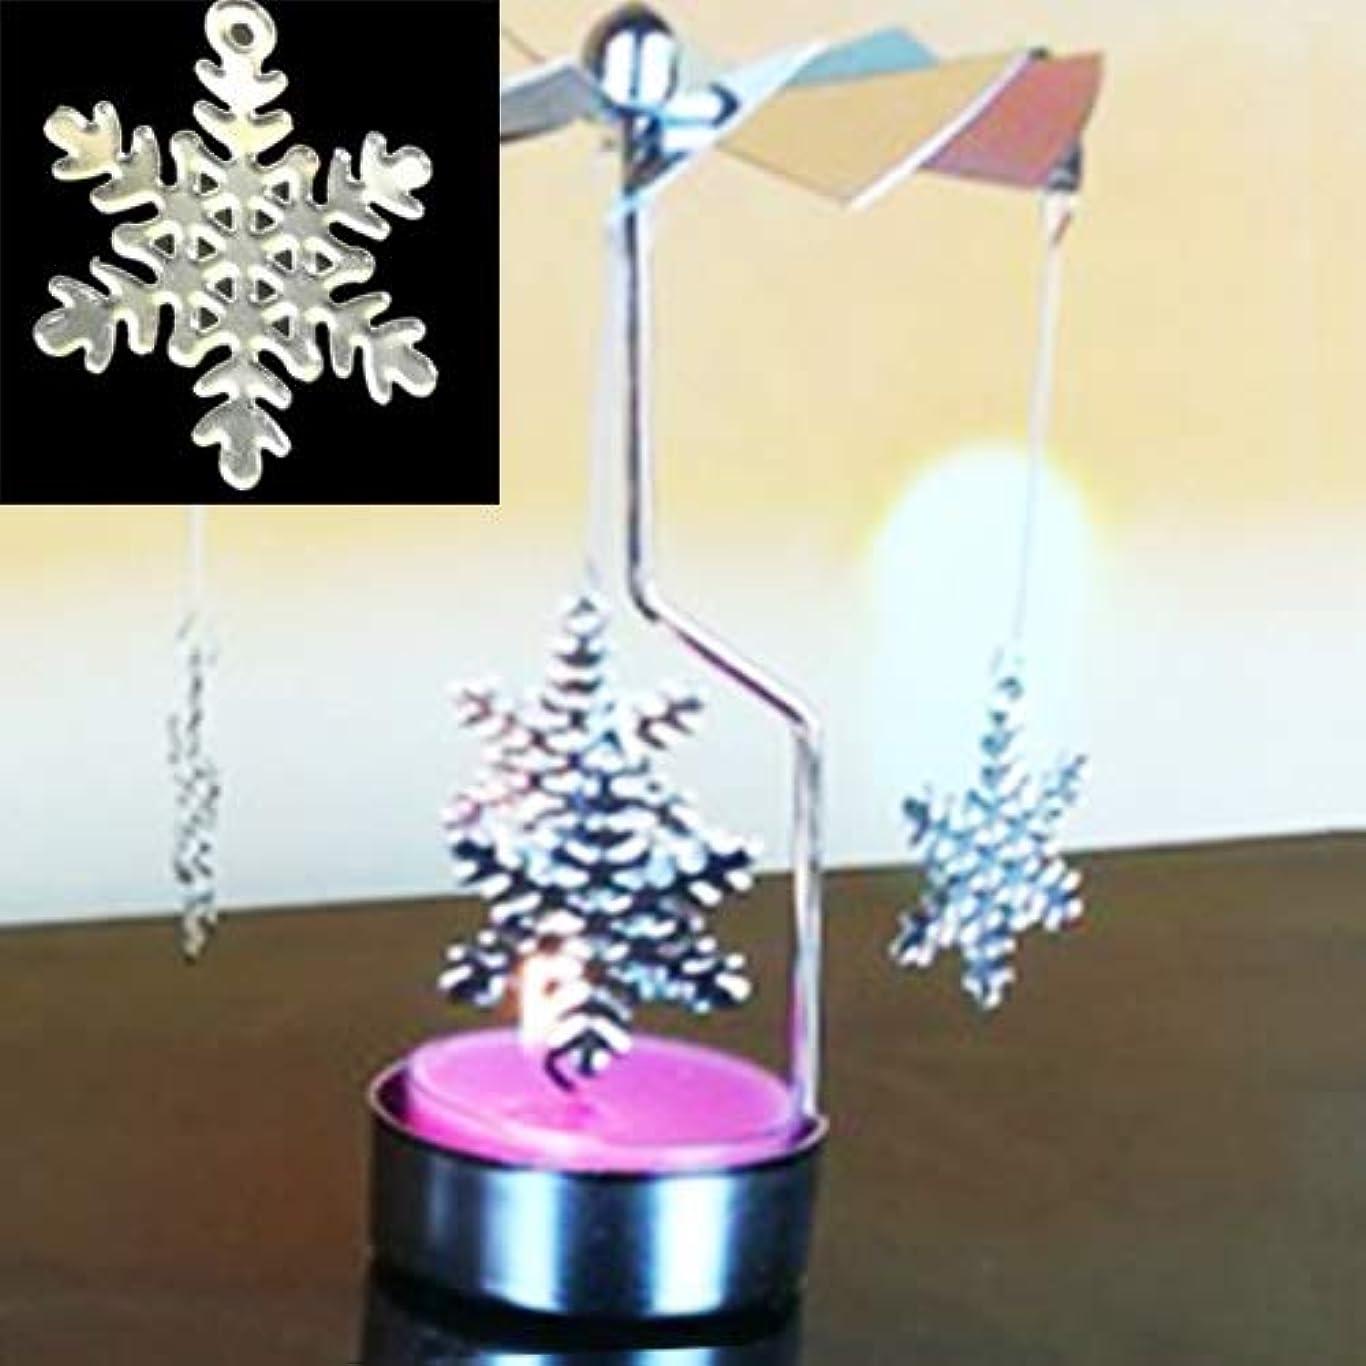 取り替える誰も役員Labos クリスマス新年のホームデコレーションクリスマスツリーのパターンのメタルファッション回転ローソク足 (色 : Color4)